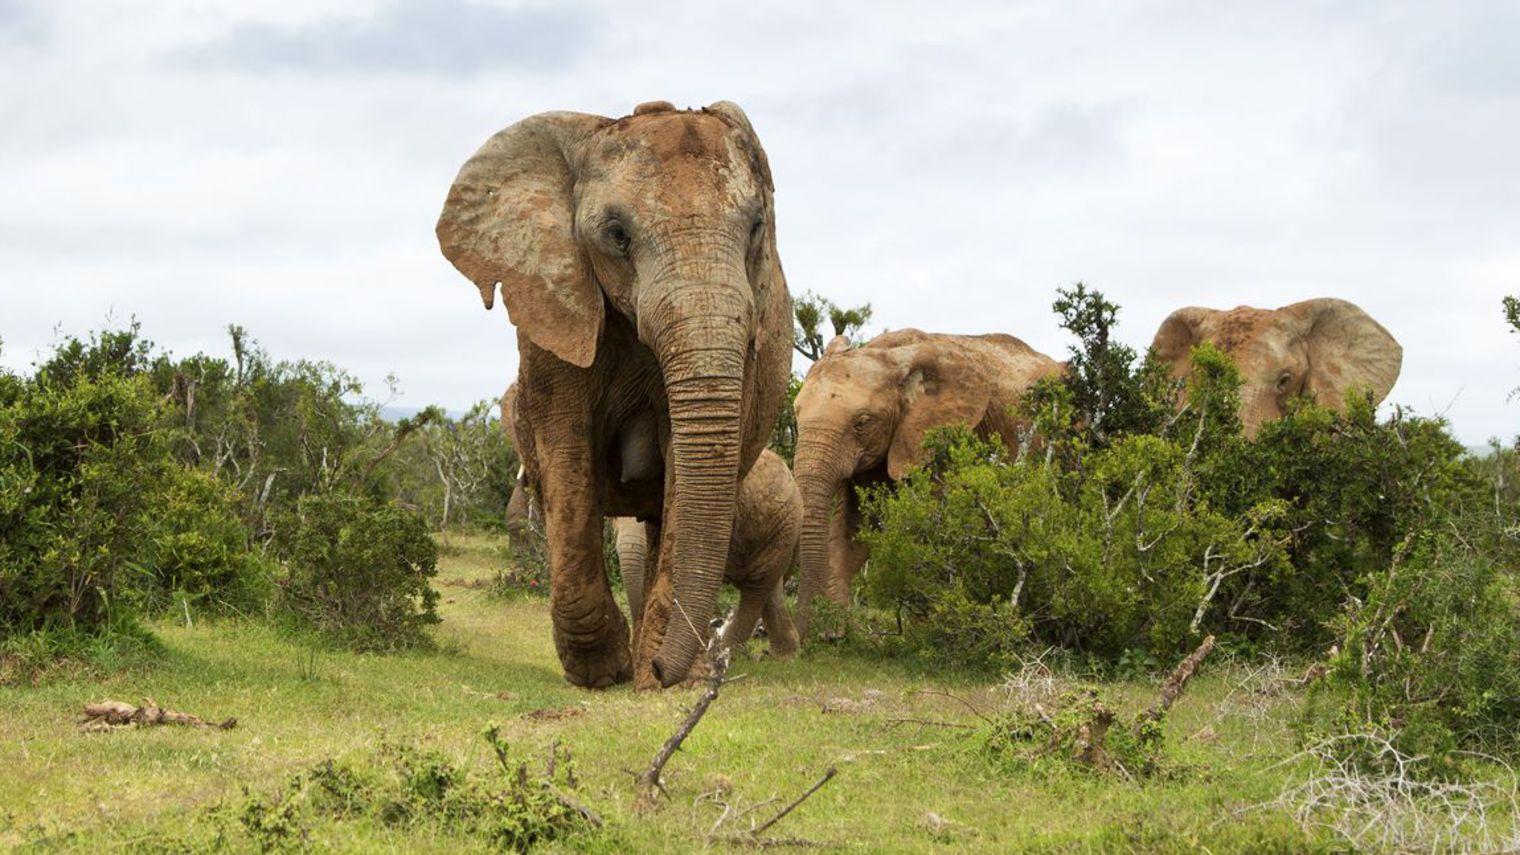 voyage-tourisme-afrique-du-sud_5169187[1].jpg